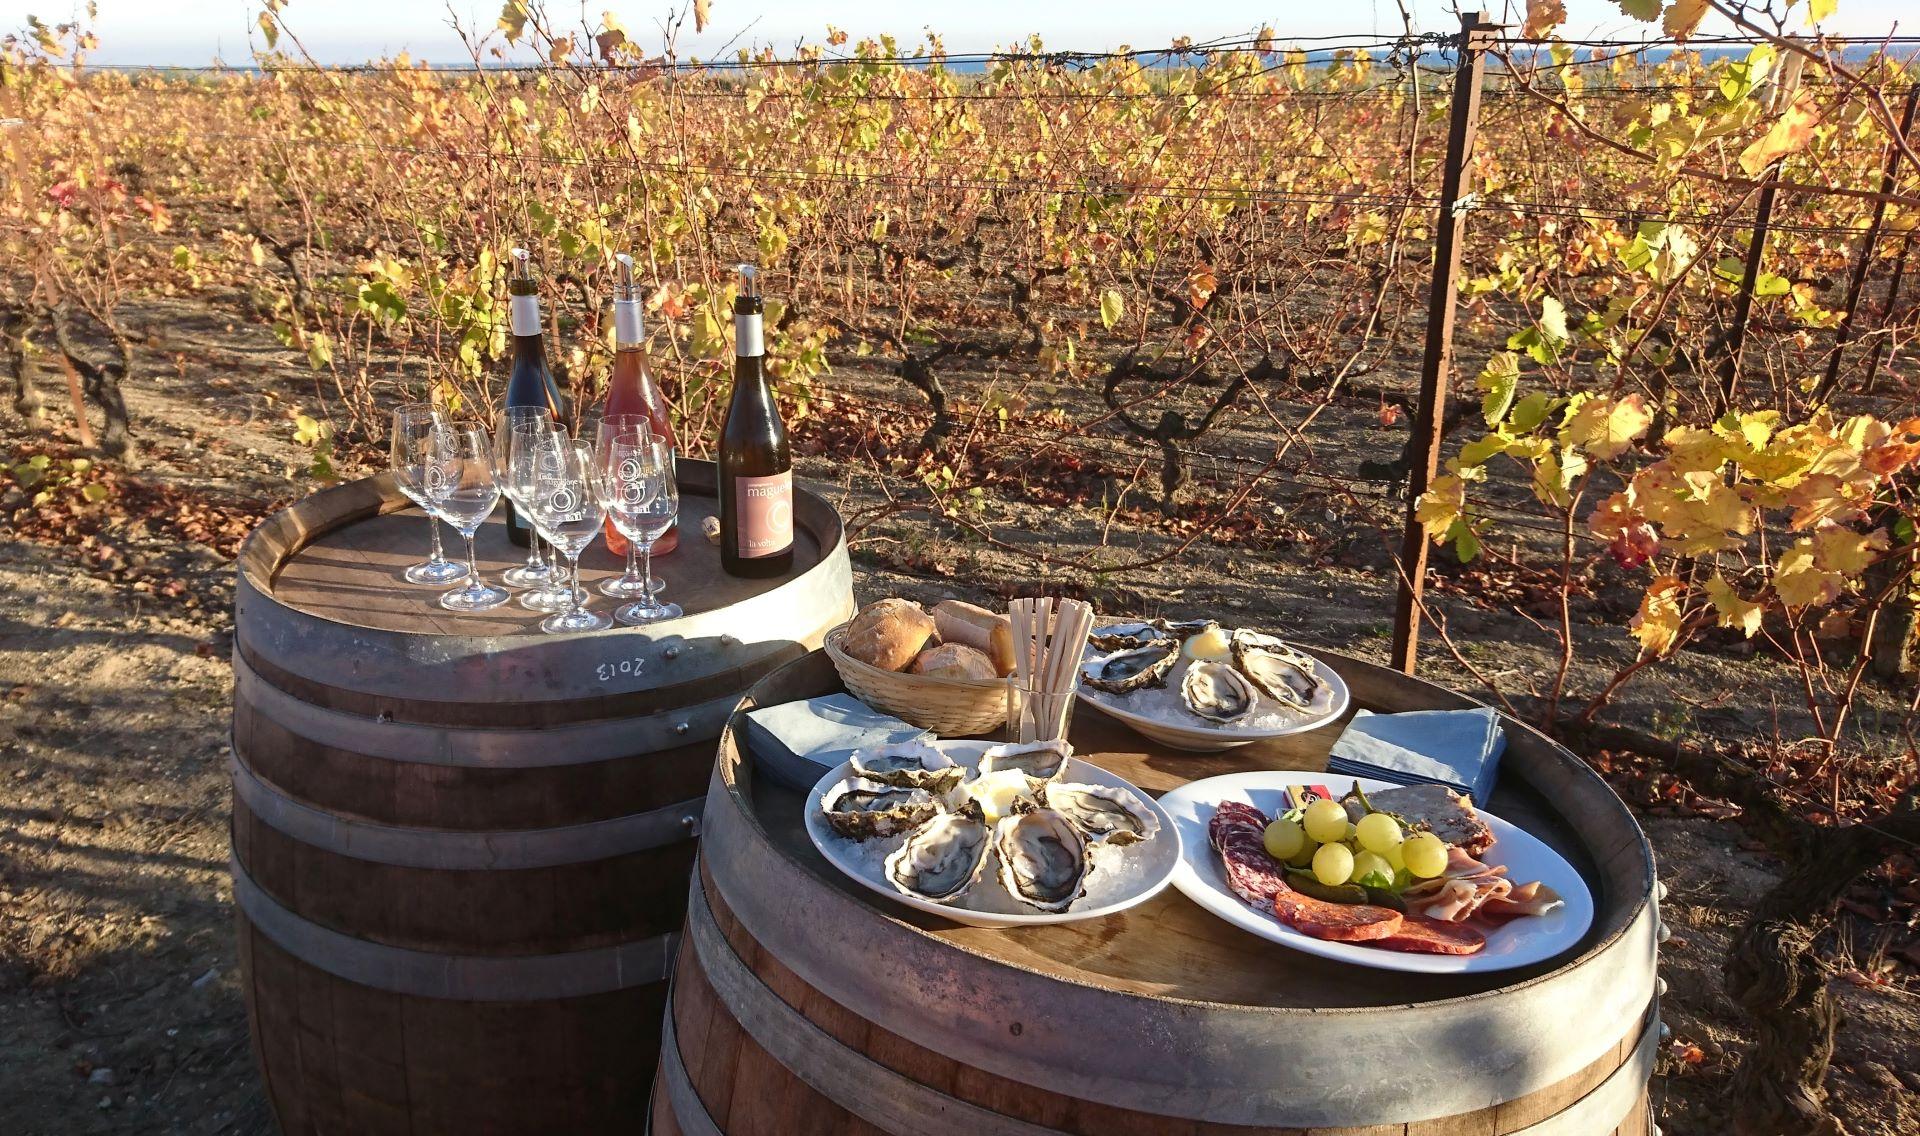 Dégustation vins et produits du terroir sur deux tonneaux au pied des vignes